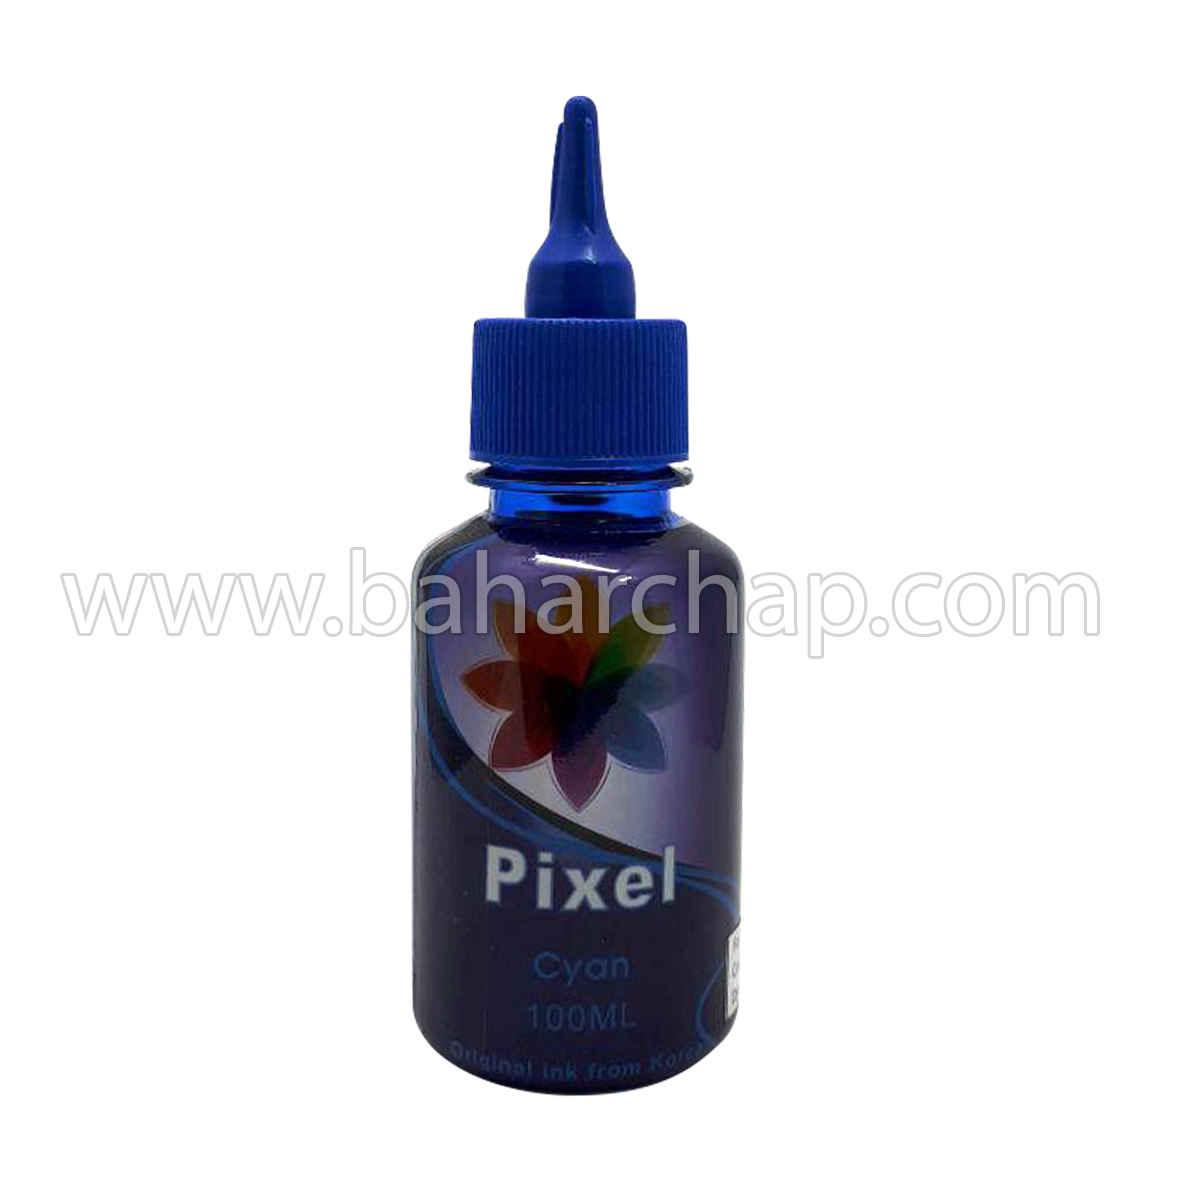 فروشگاه و خدمات اینترنتی بهارچاپ اصفهان-جوهر 100cc آبی اپسون پیکسل-PIXEL epson cyan  ink 100cc